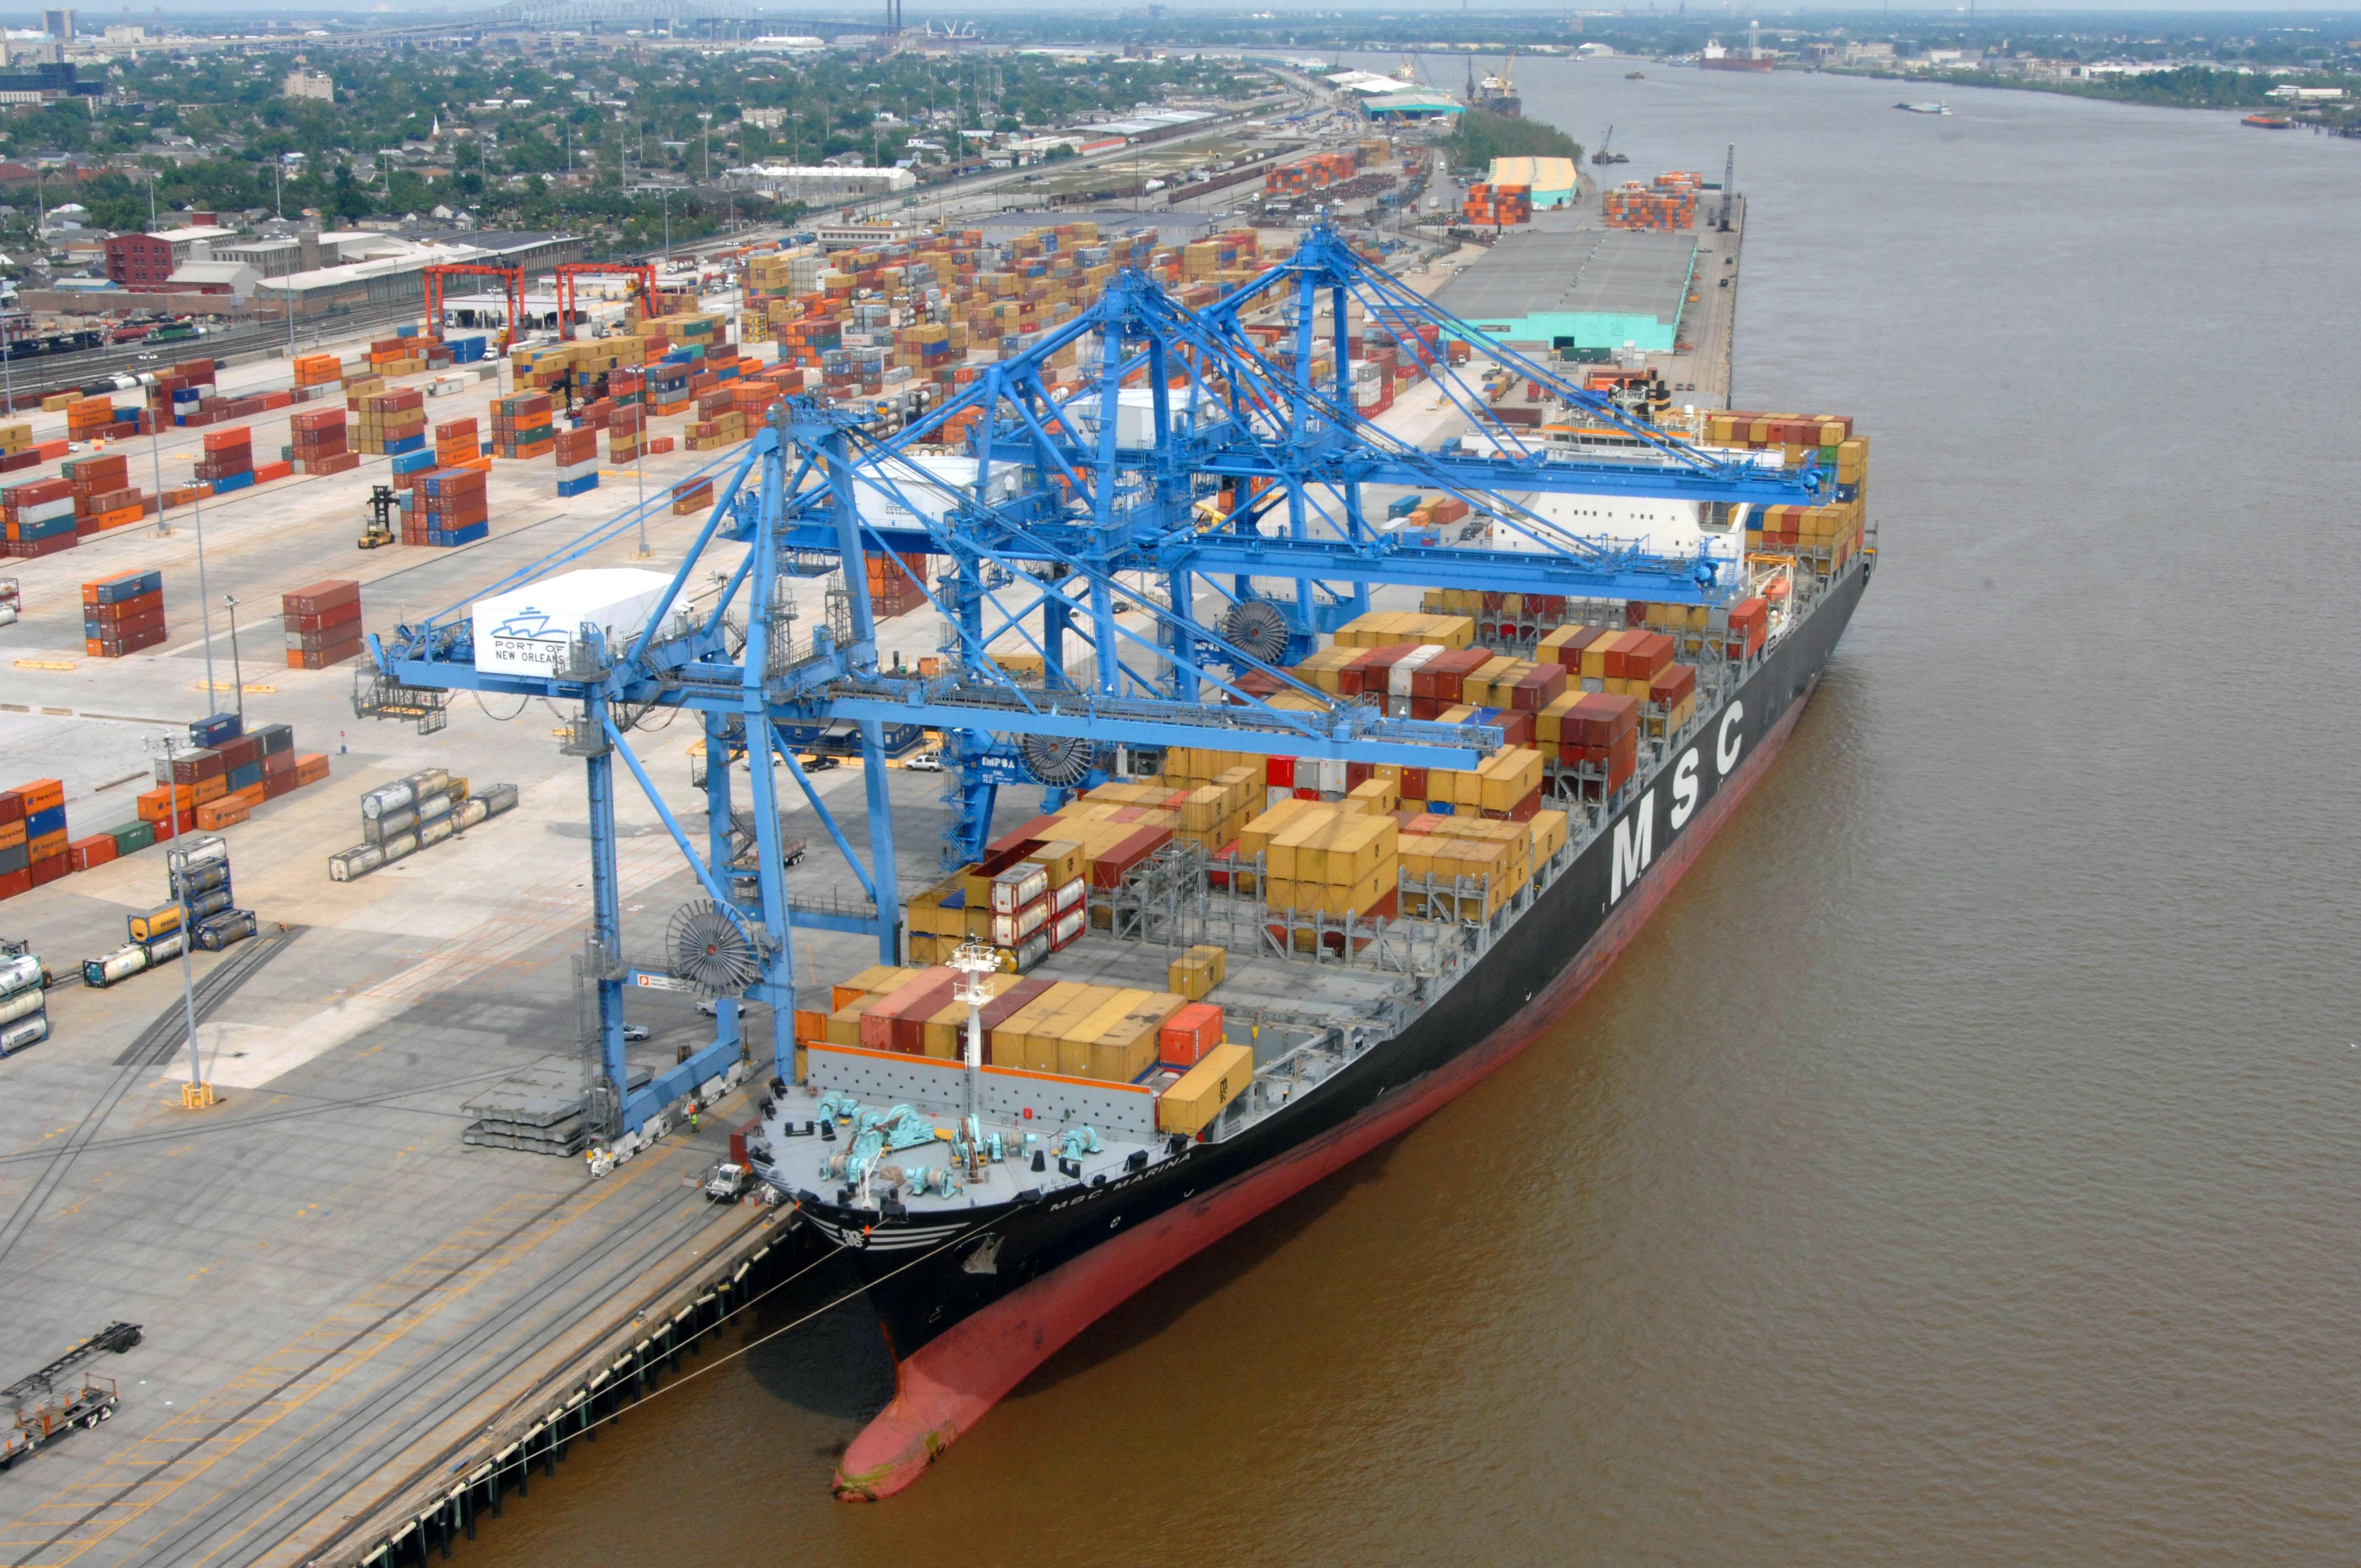 México requiere 16,000 mdd de inversión para impulsar el sector portuario, comercio